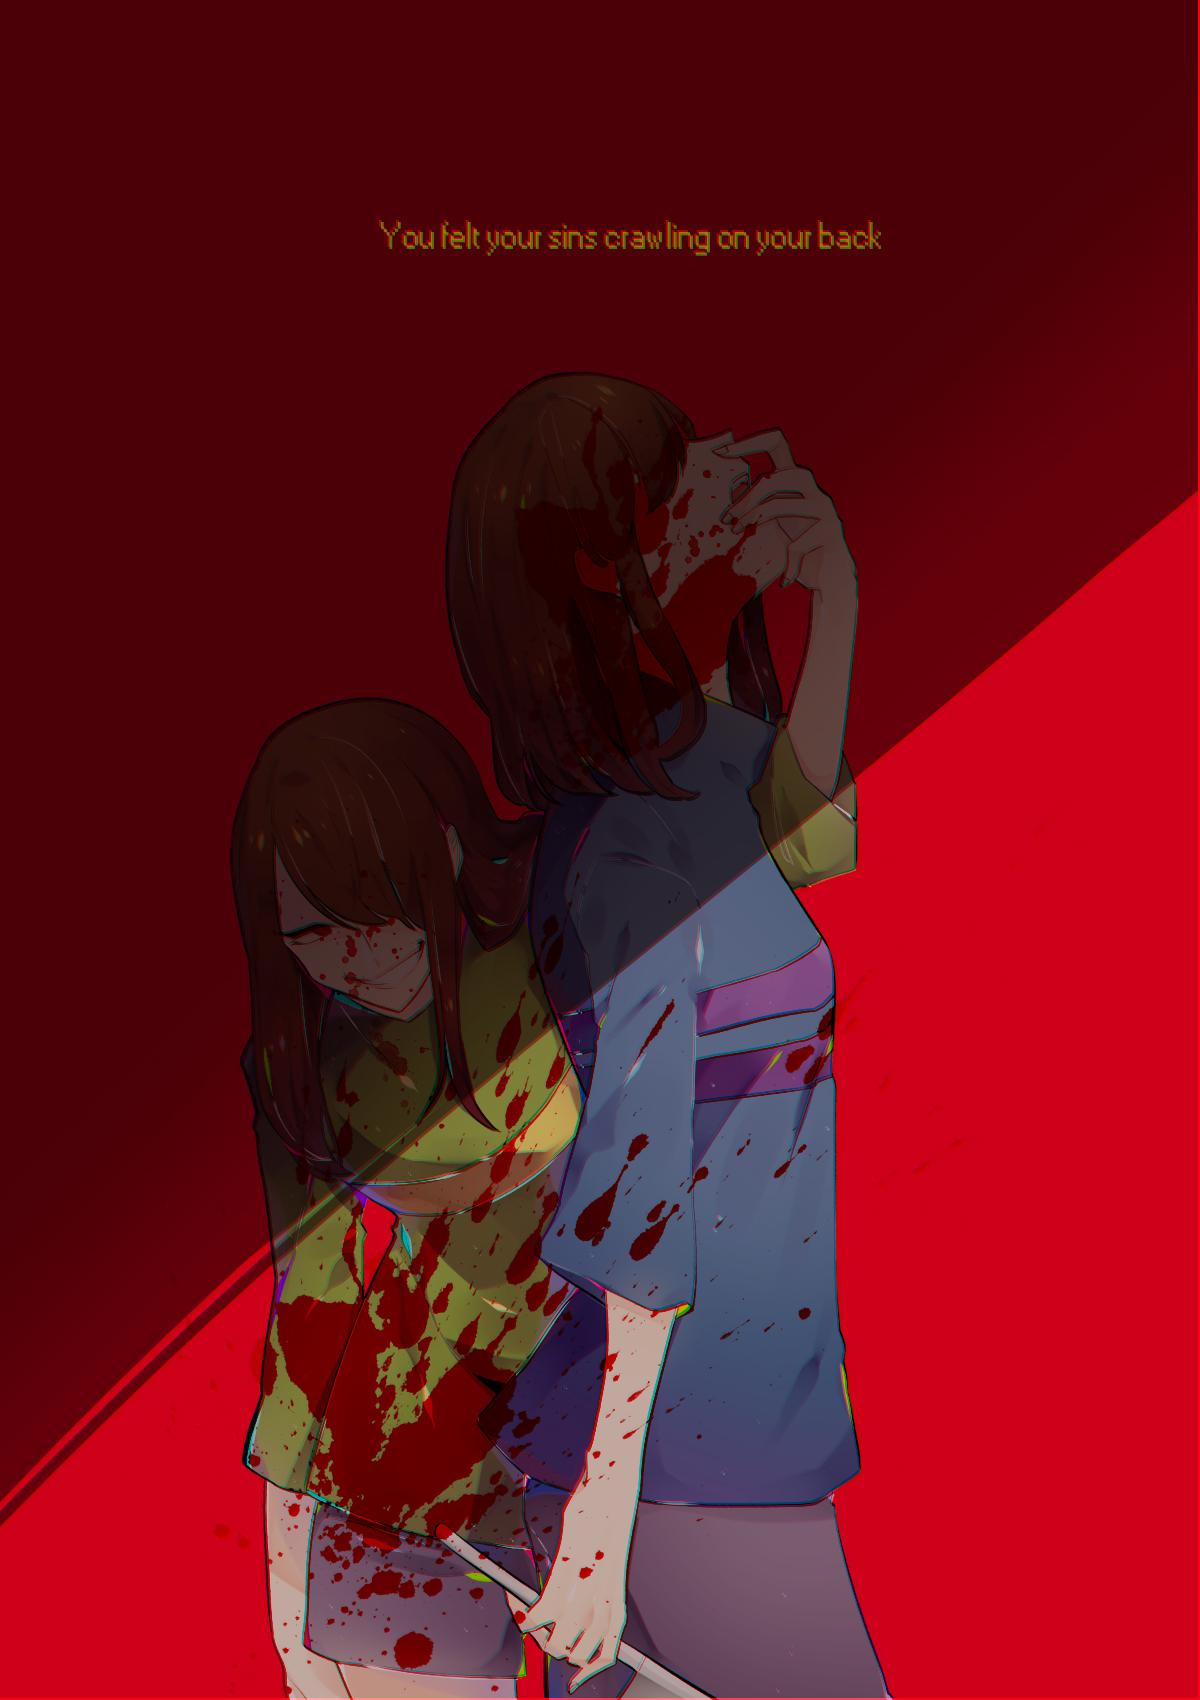 Chara (Undertale), Mobile Wallpaper - Zerochan Anime Image Board